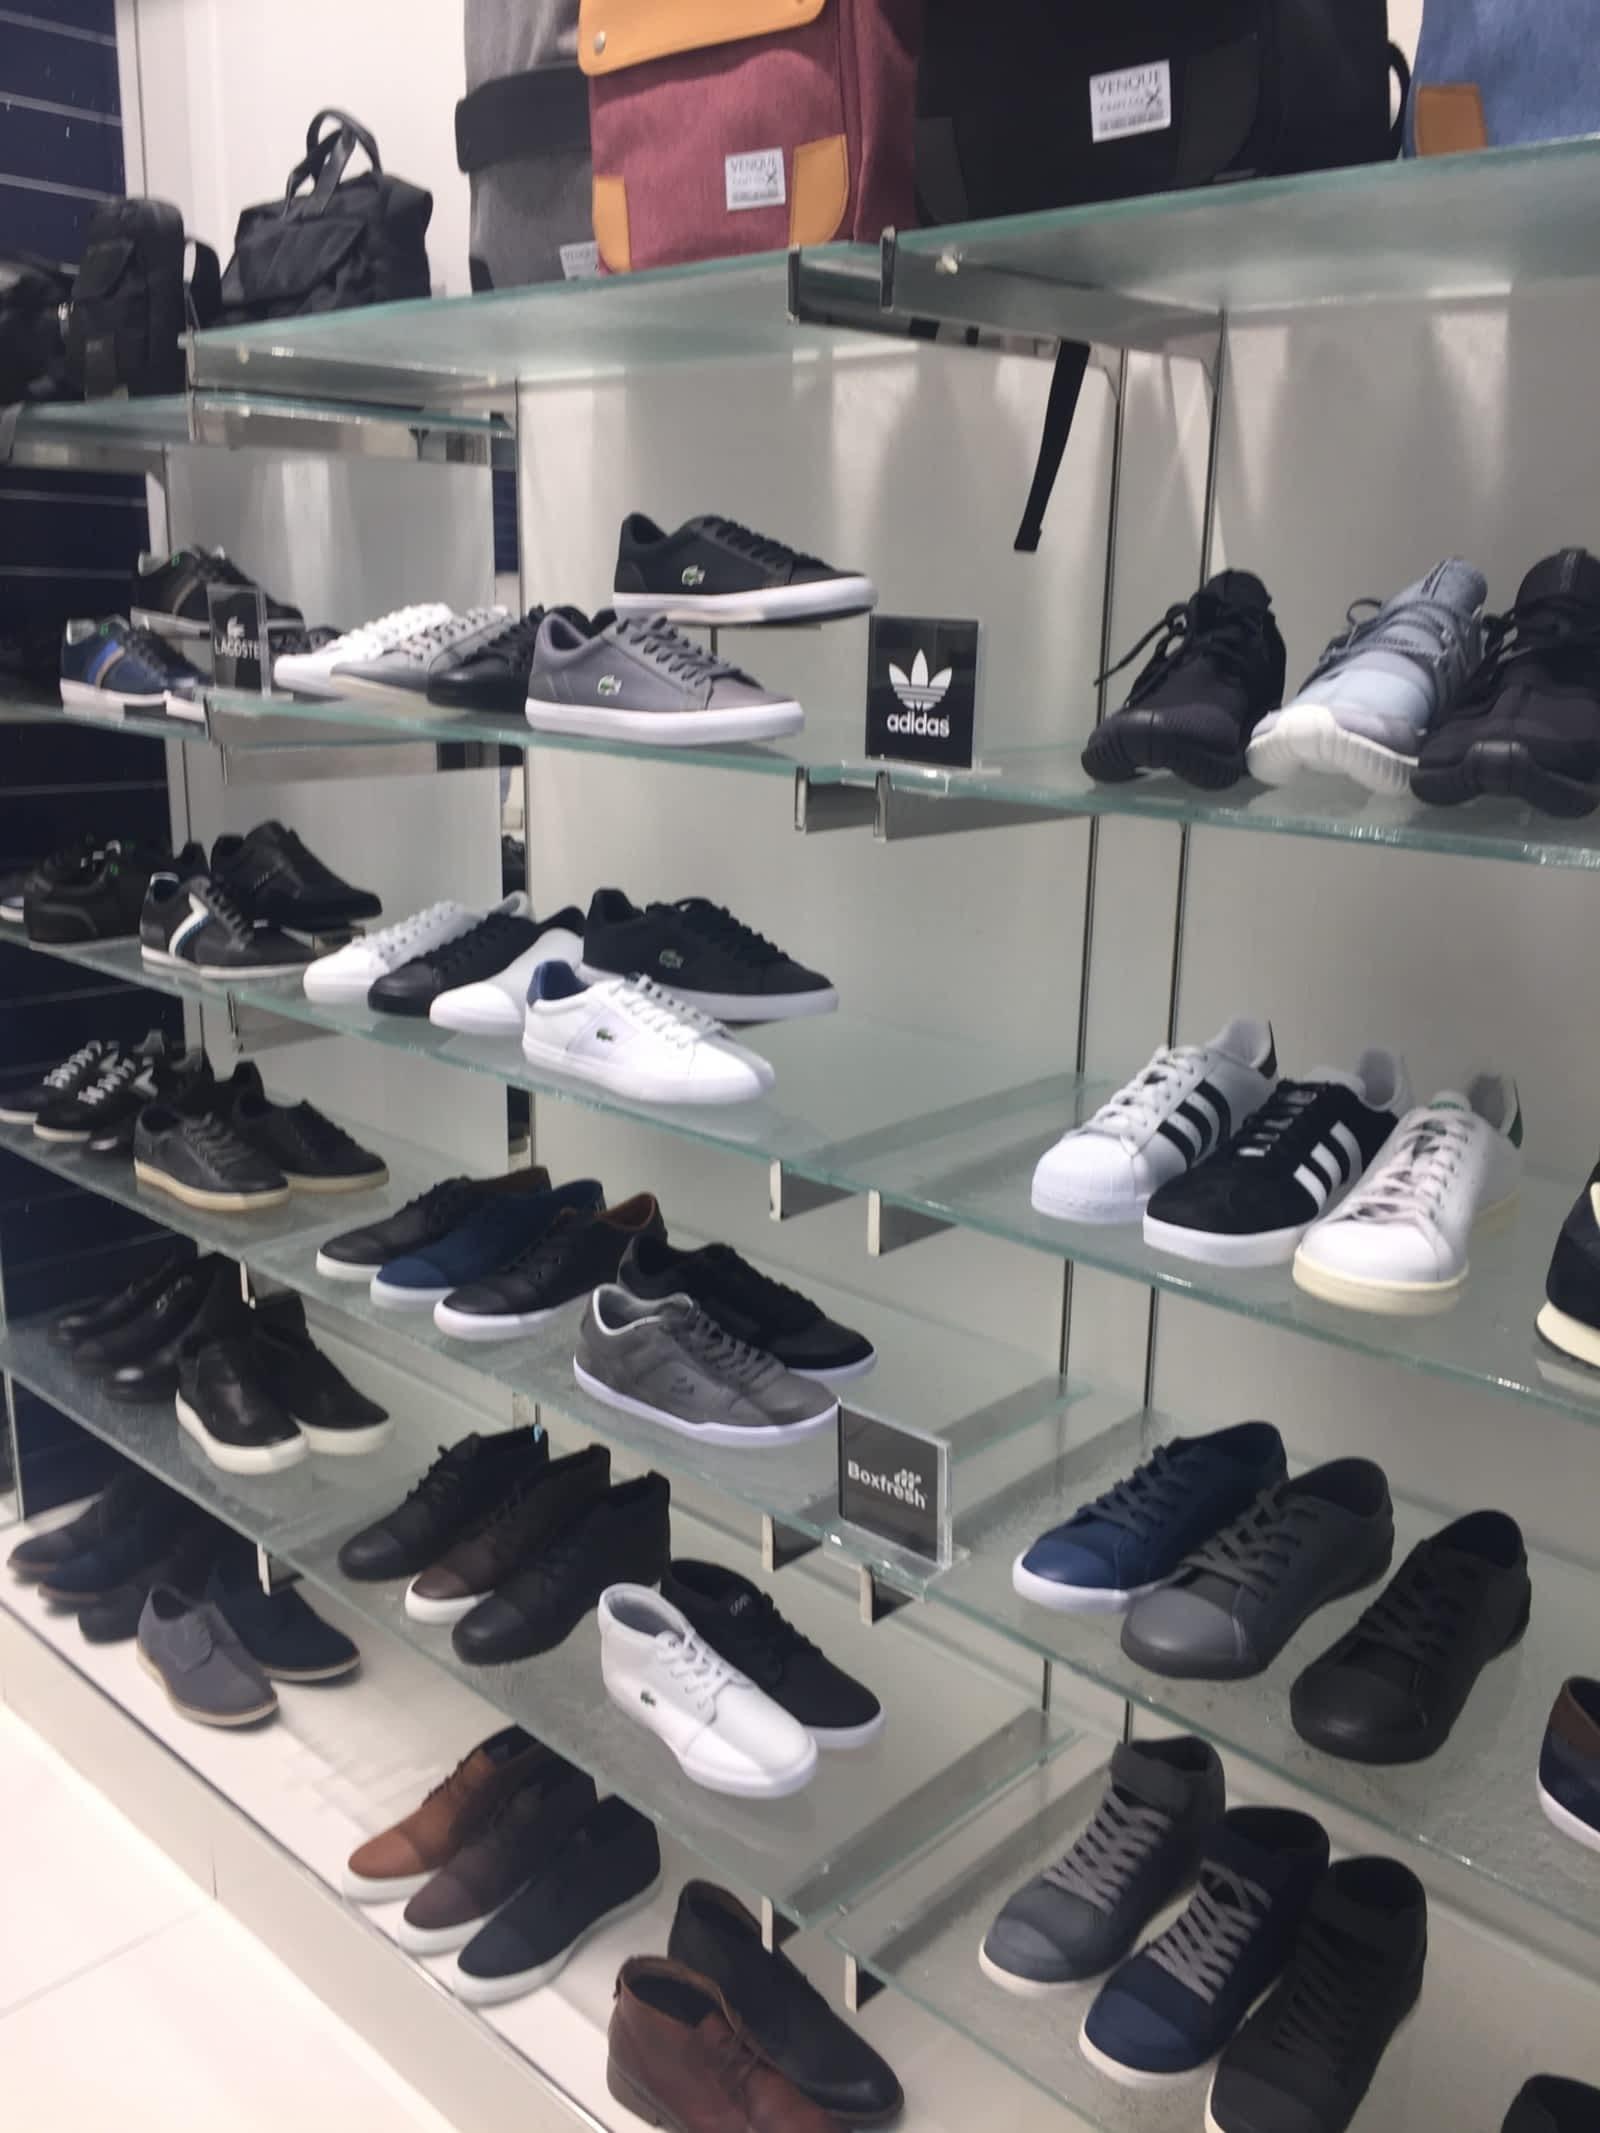 Chaussures D'ouverture Boul Browns Horaire 3035 CarrefourLavalQc rtsQCxhBd